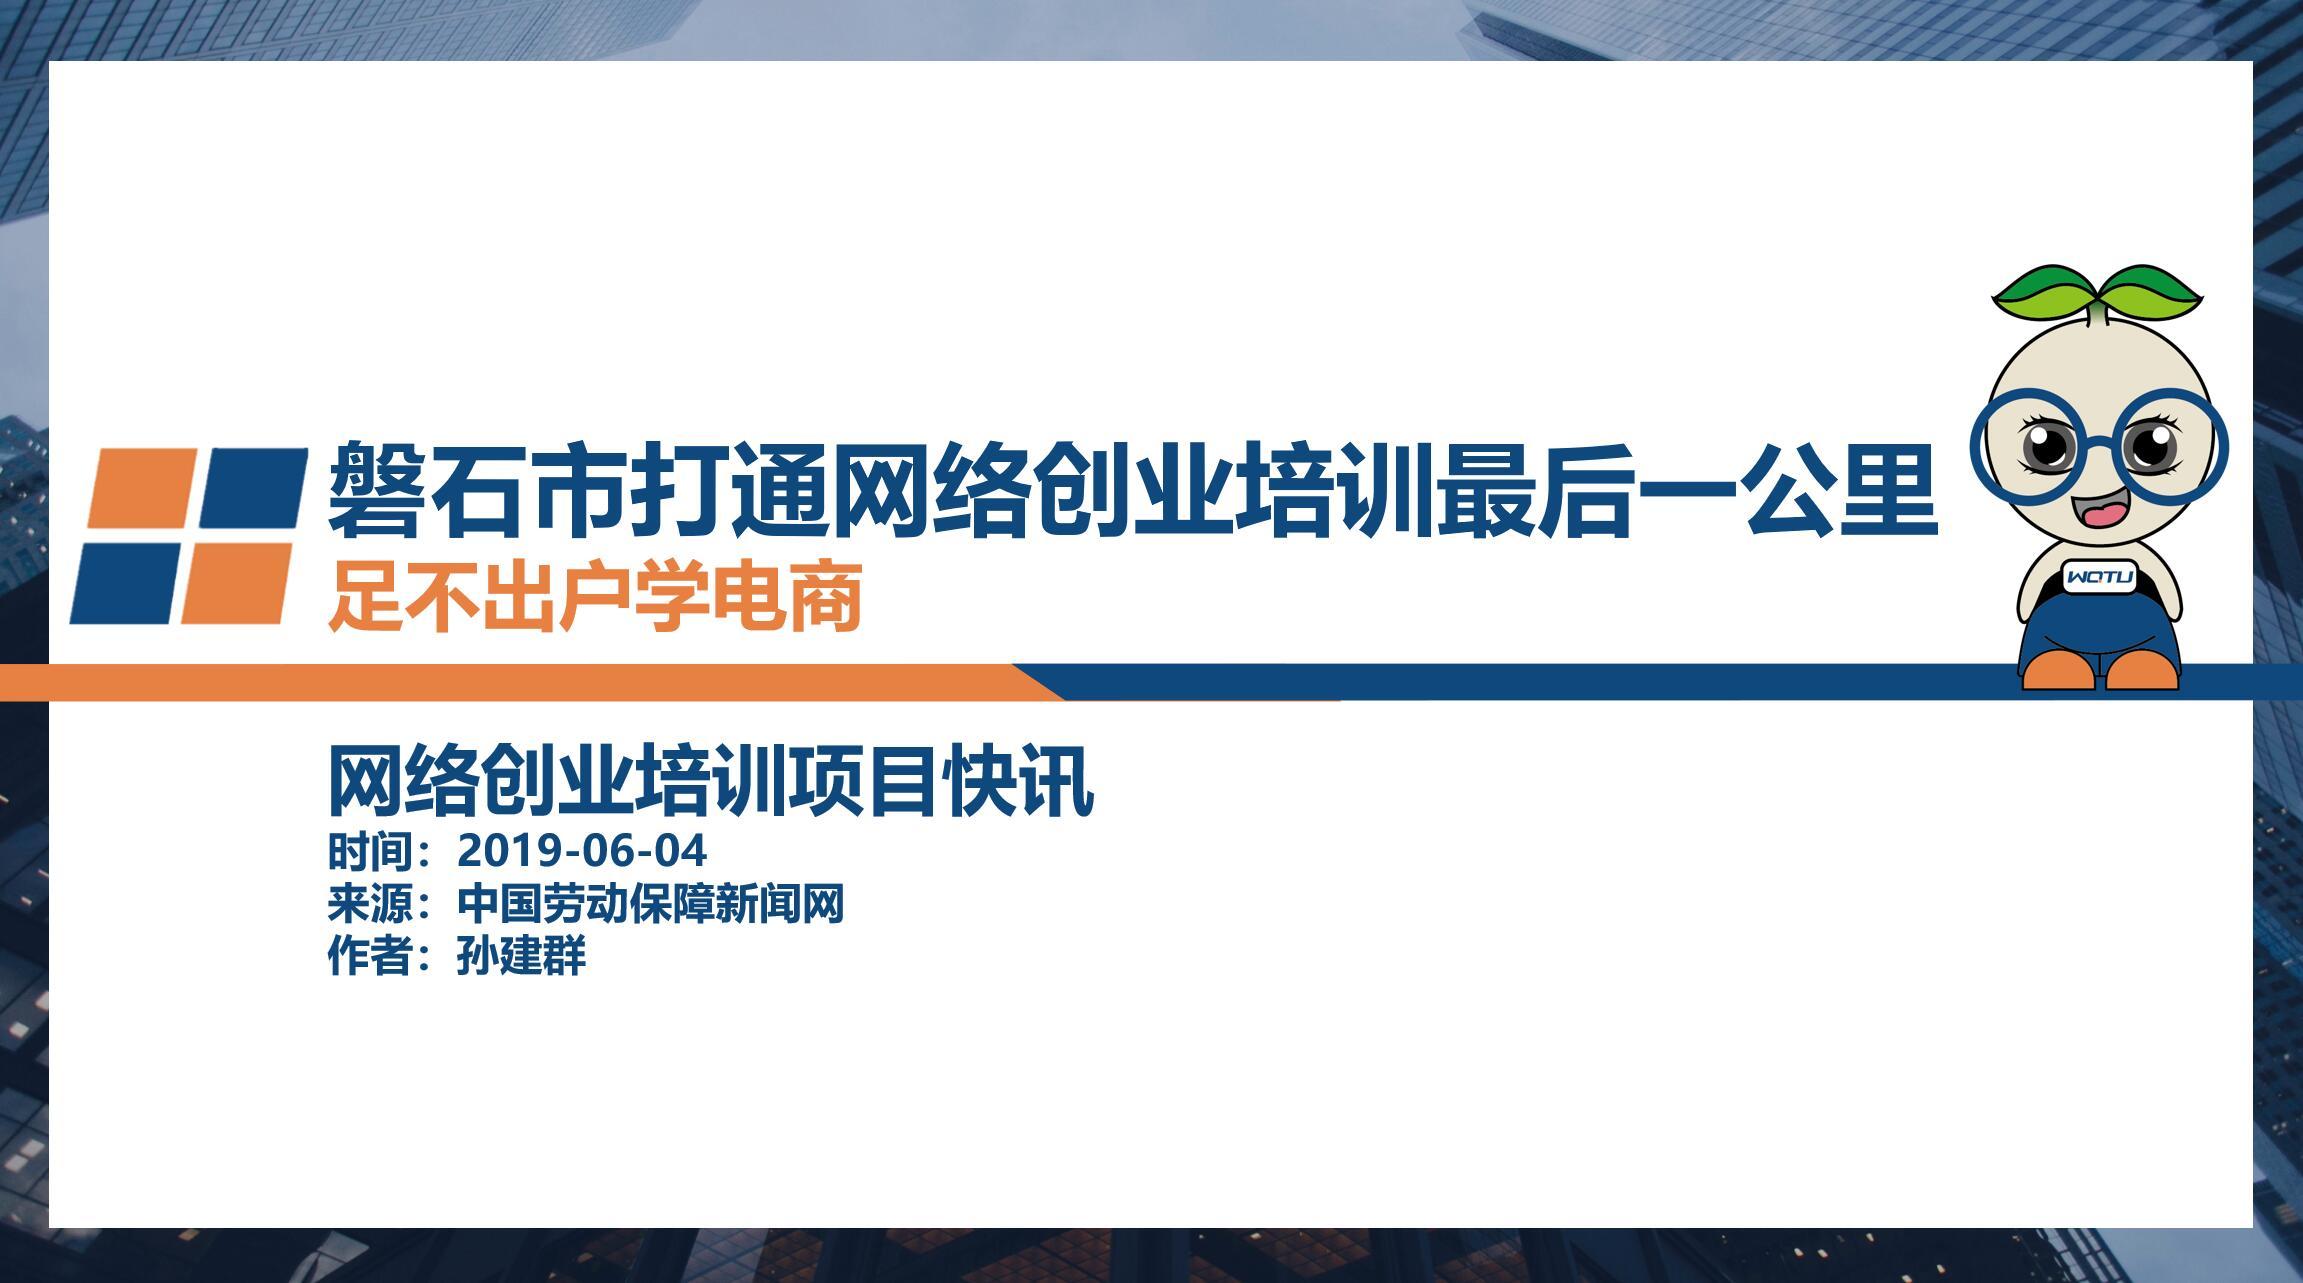 磐石市打通网络创业培训最后一公里